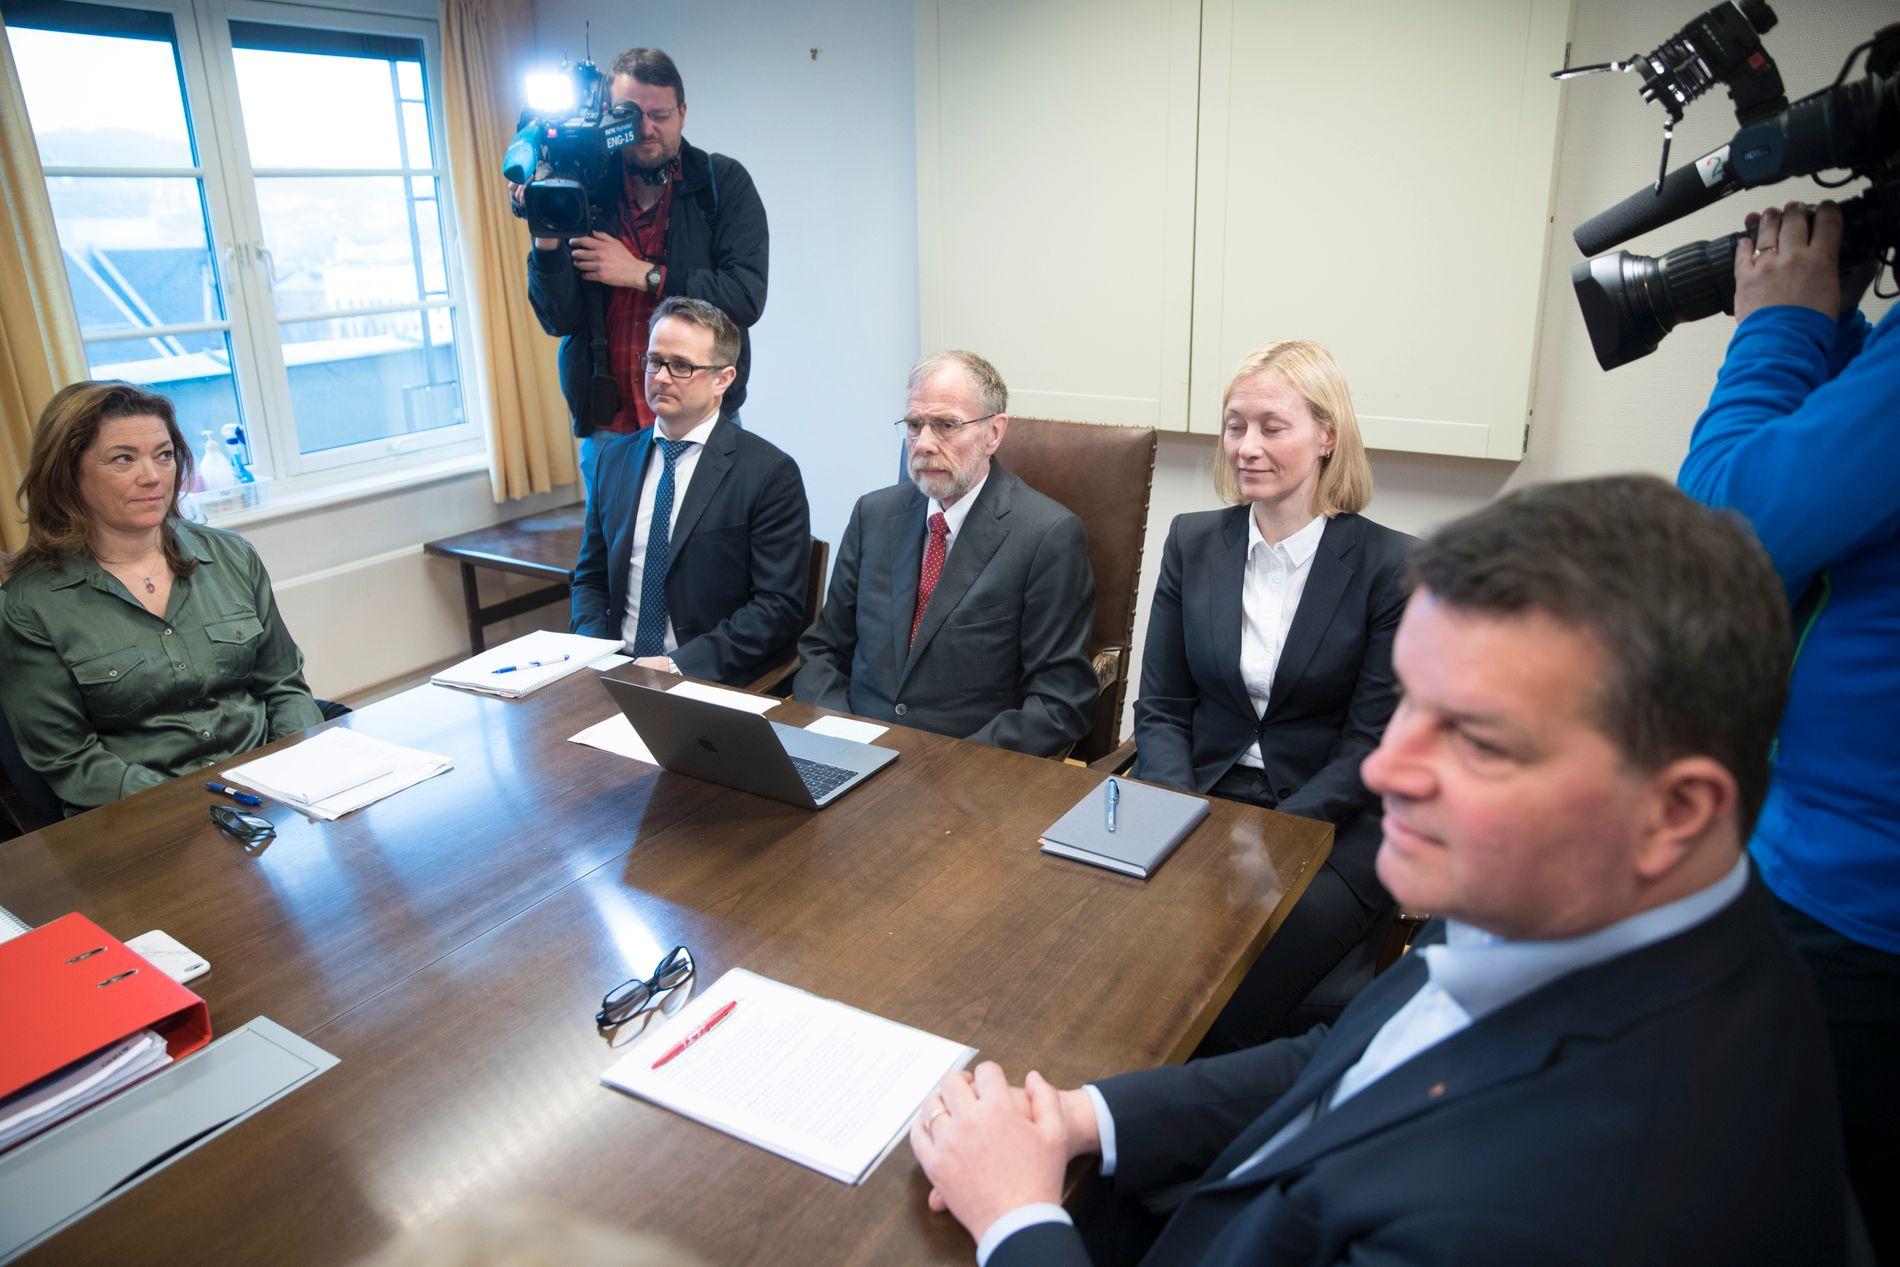 VIL SENDE BREV: NHO-sjef Kristin Skogen Lund (t.v) og LO-leder Hans Christian Gabrielsen (t.h.)